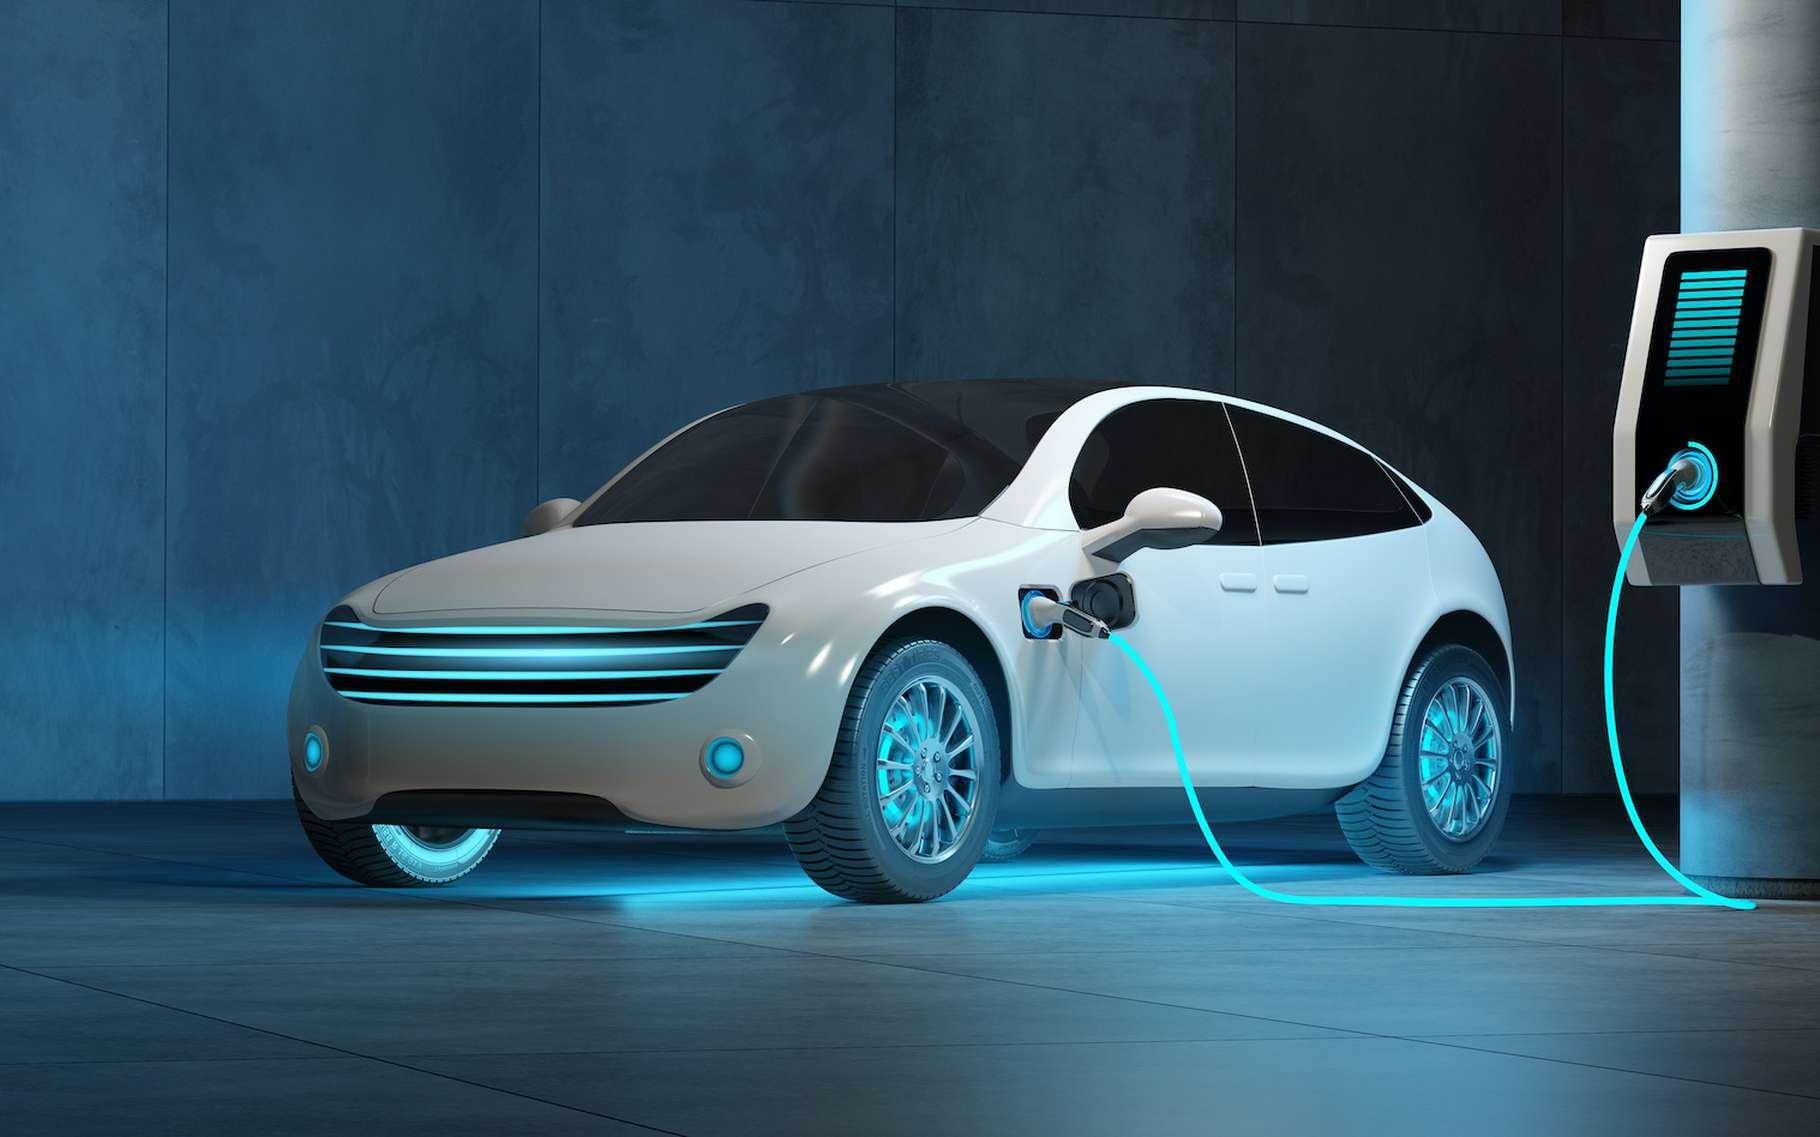 Lorsqu'il est question de véhicule électrique, les batteries sont au cœur des enjeux. Et la solution développée par Nawa Technologies pourrait apporter l'efficacité tant attendue : 5 minutes pour atteindre les 80 % de charge et 1.000 km d'autonomie. © iaremenko, Adobe Stock